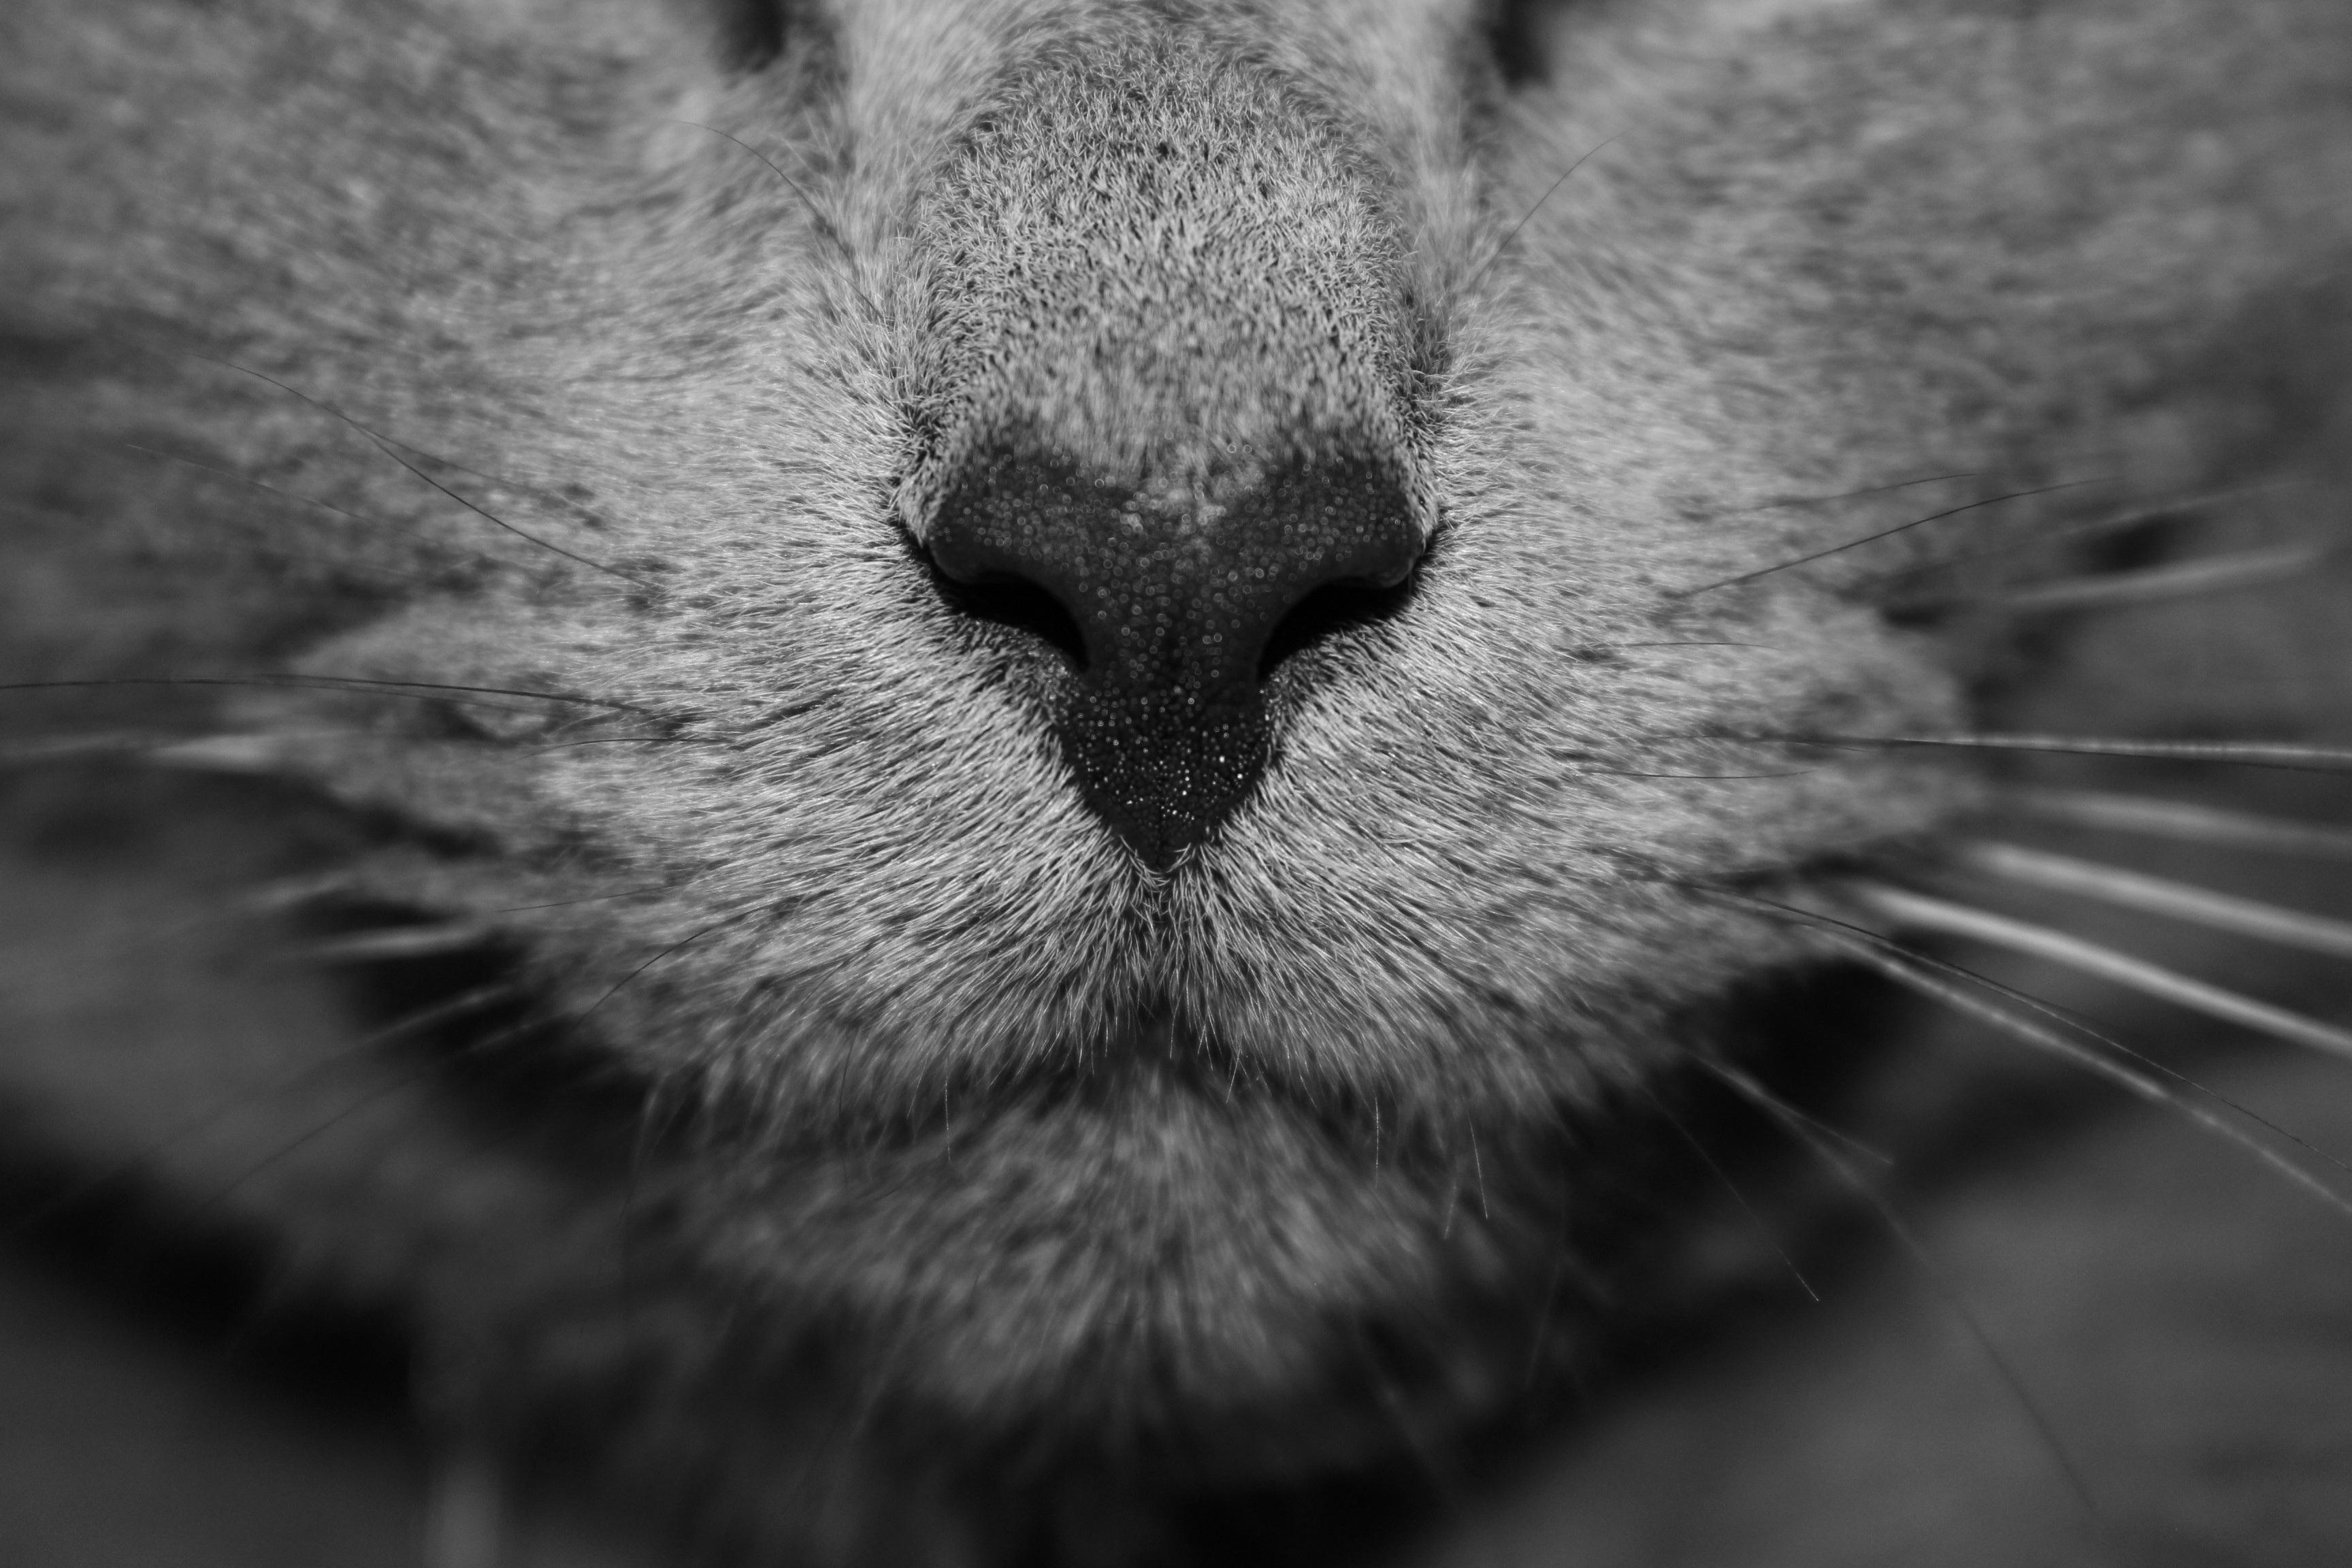 картинки усики котика шлягеров прикольных быть